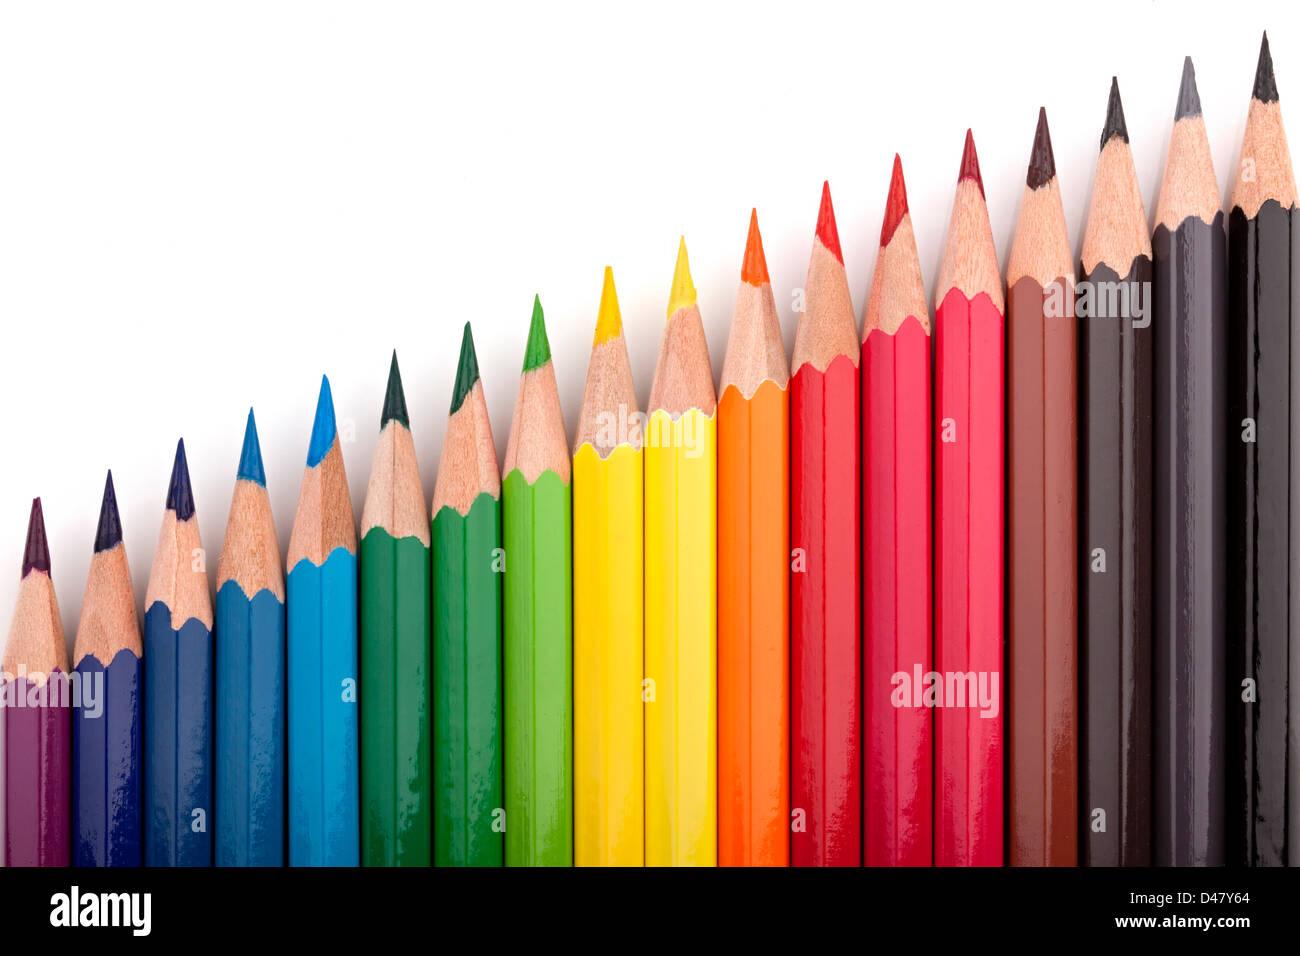 Crayons de couleur différente dans une formation. Photo Stock